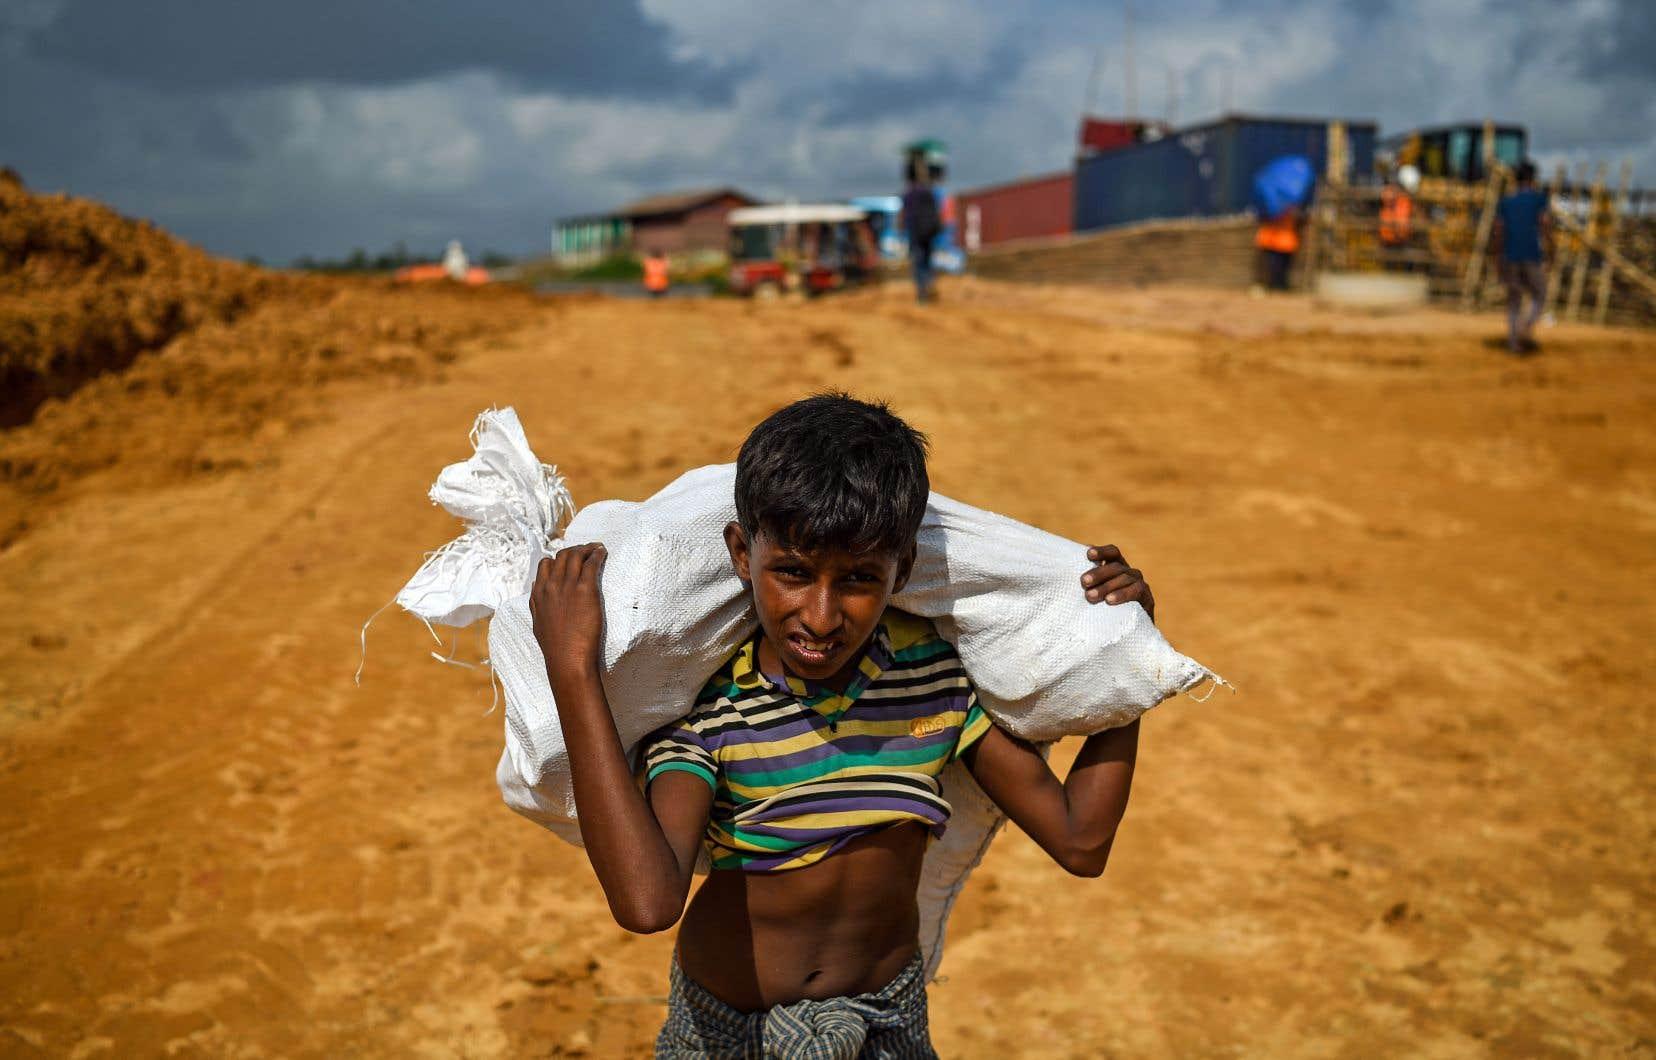 Un jeune garçon rohingya transportant un lourd sac de plastique le long d'une route de terre du camp pour réfugiés Kutupalong, situé dans la ville d'Ukhia au Bangladesh, en août dernier